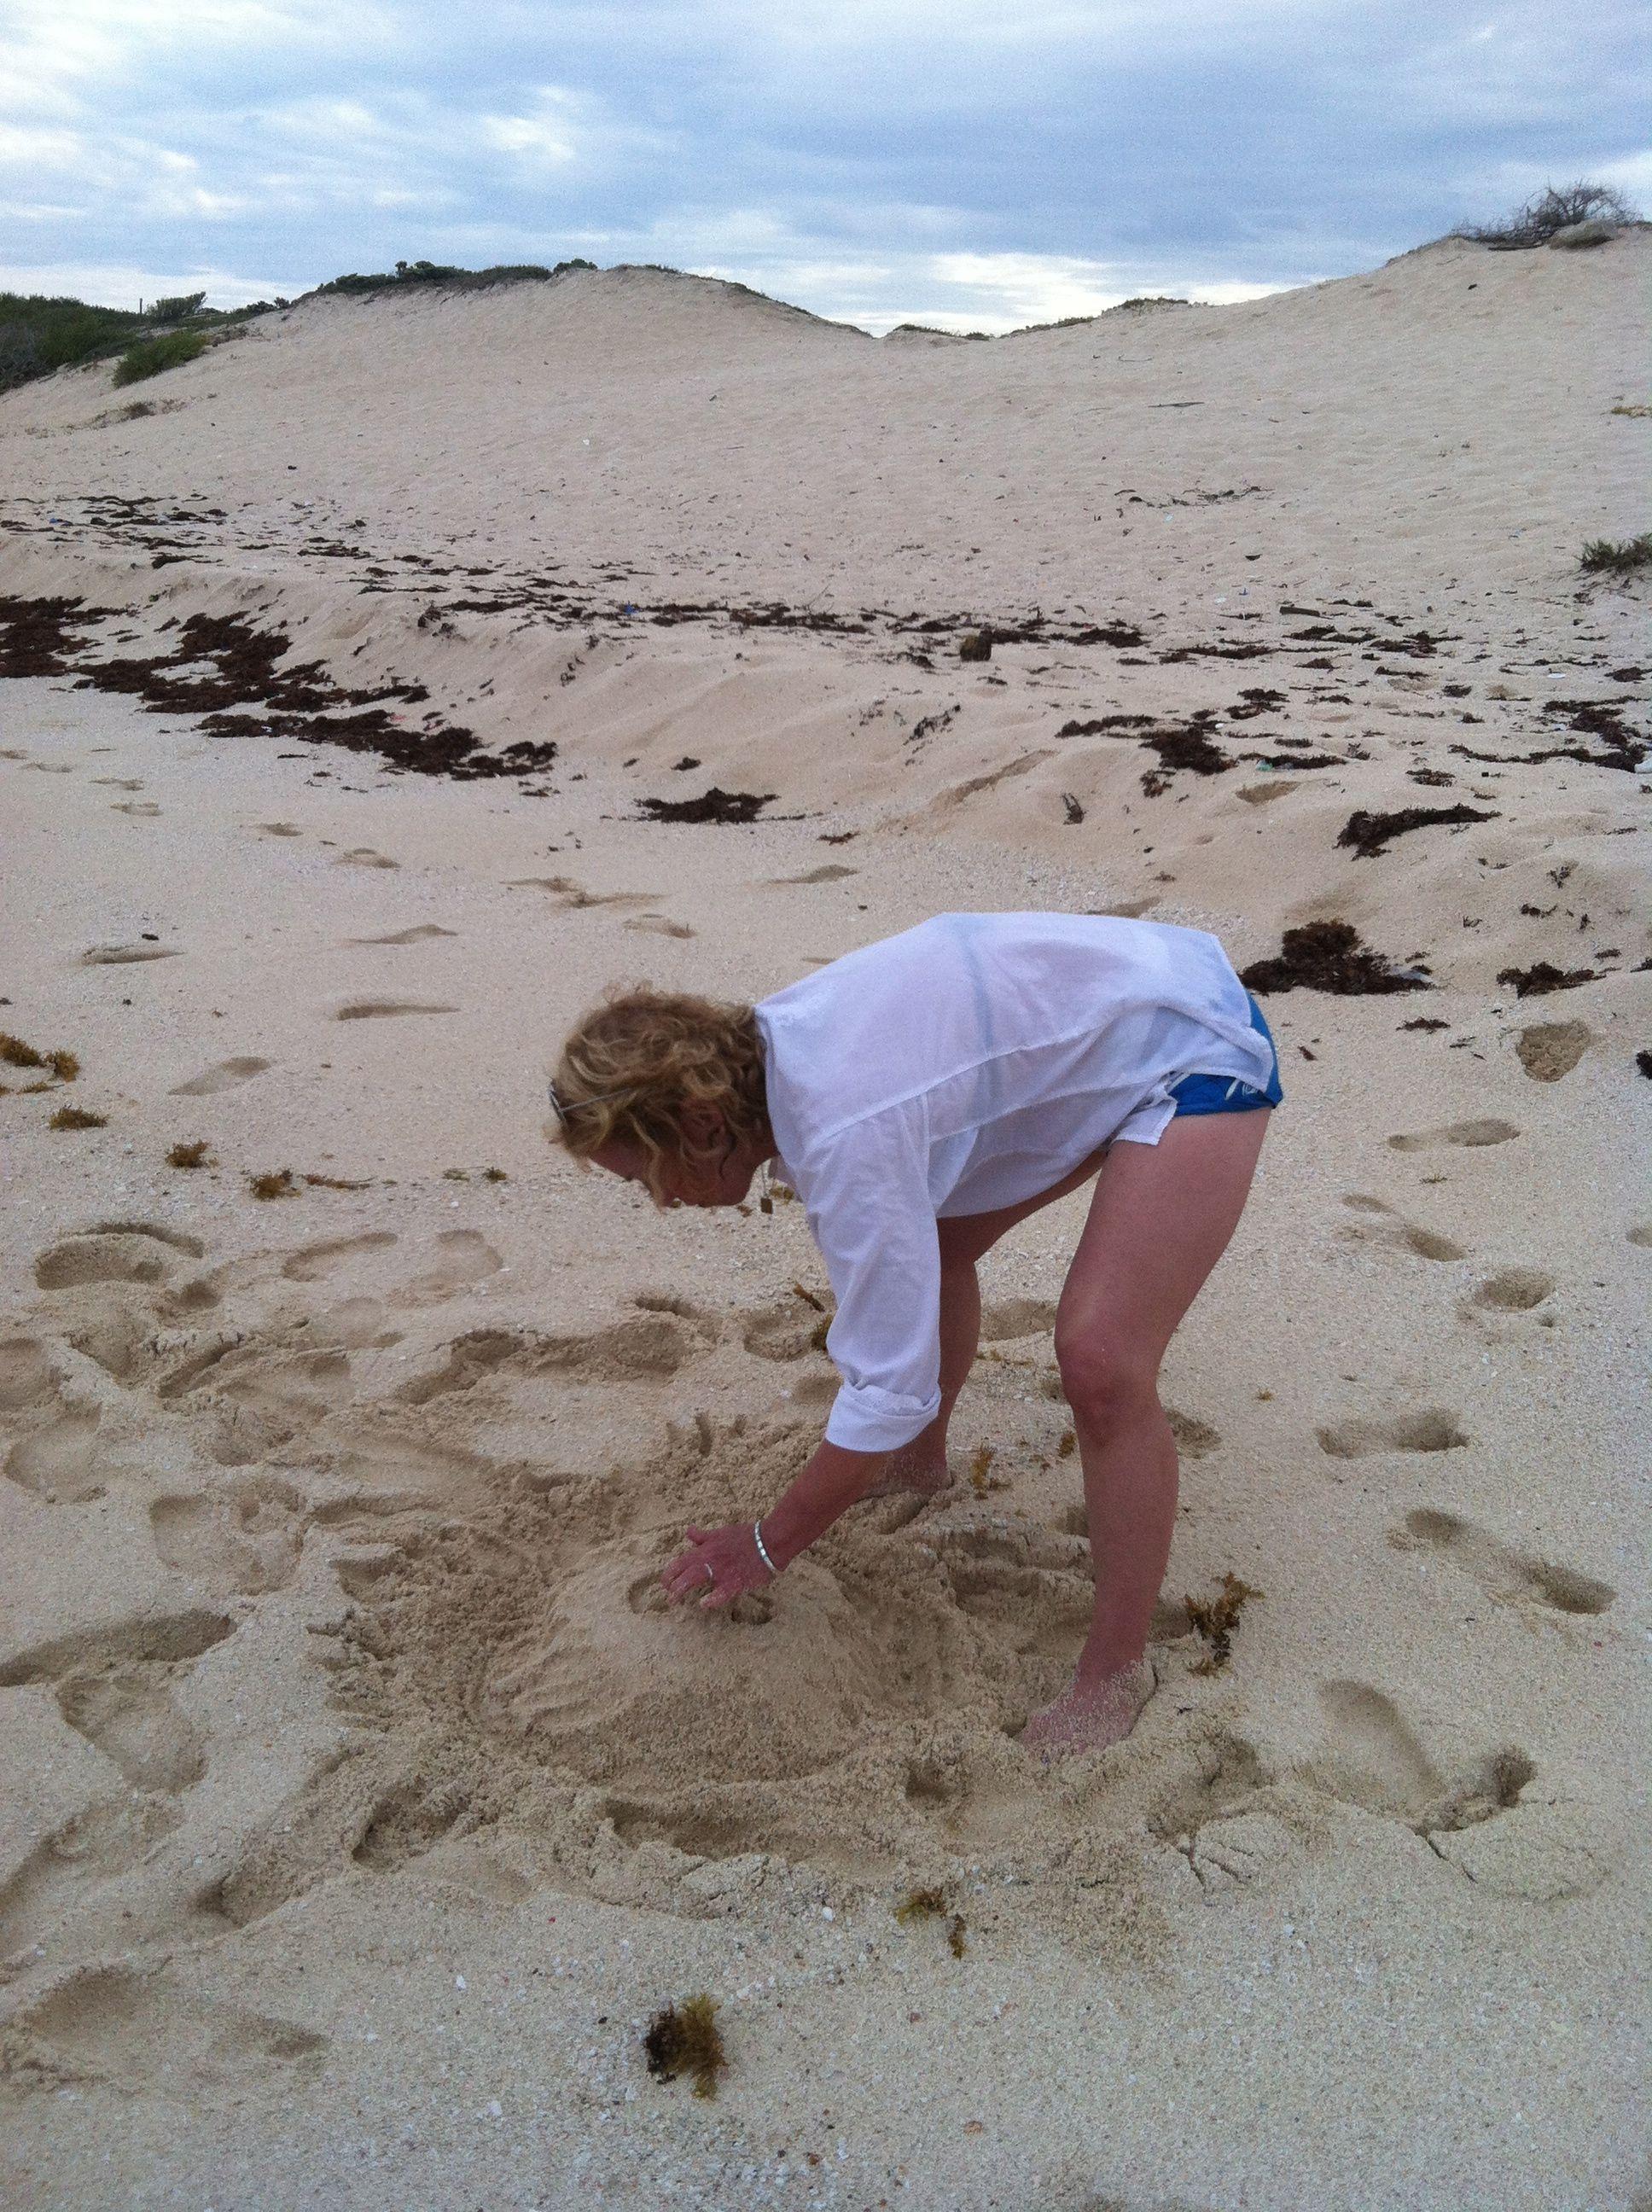 Fun in the sand...